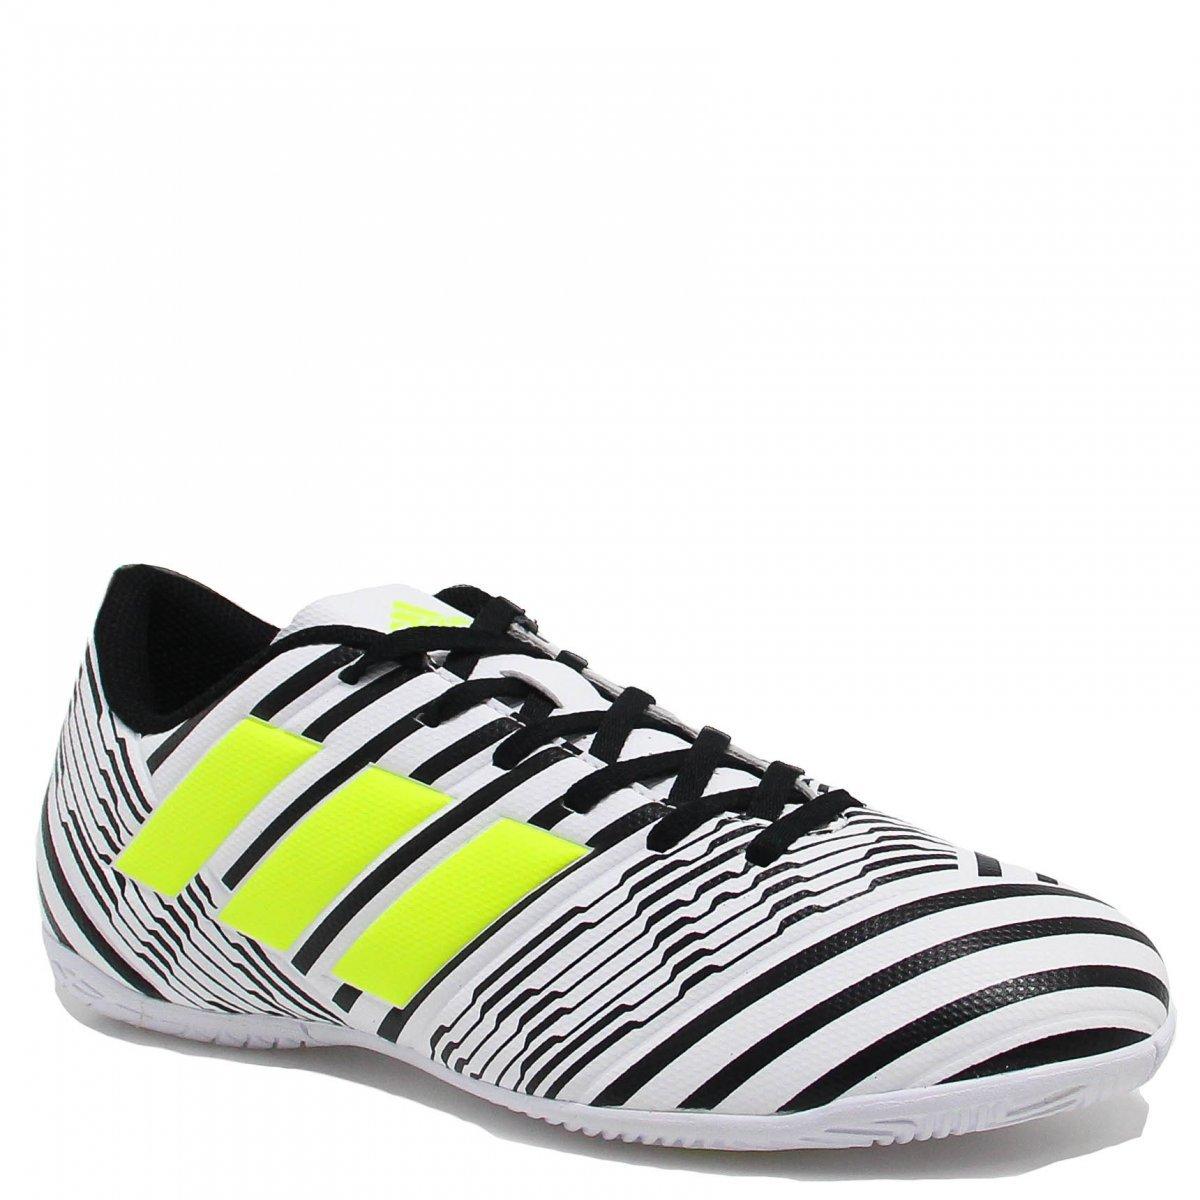 79c242df80483 Chuteira Adidas Futsal NEMEZIZ 17.4 S82473